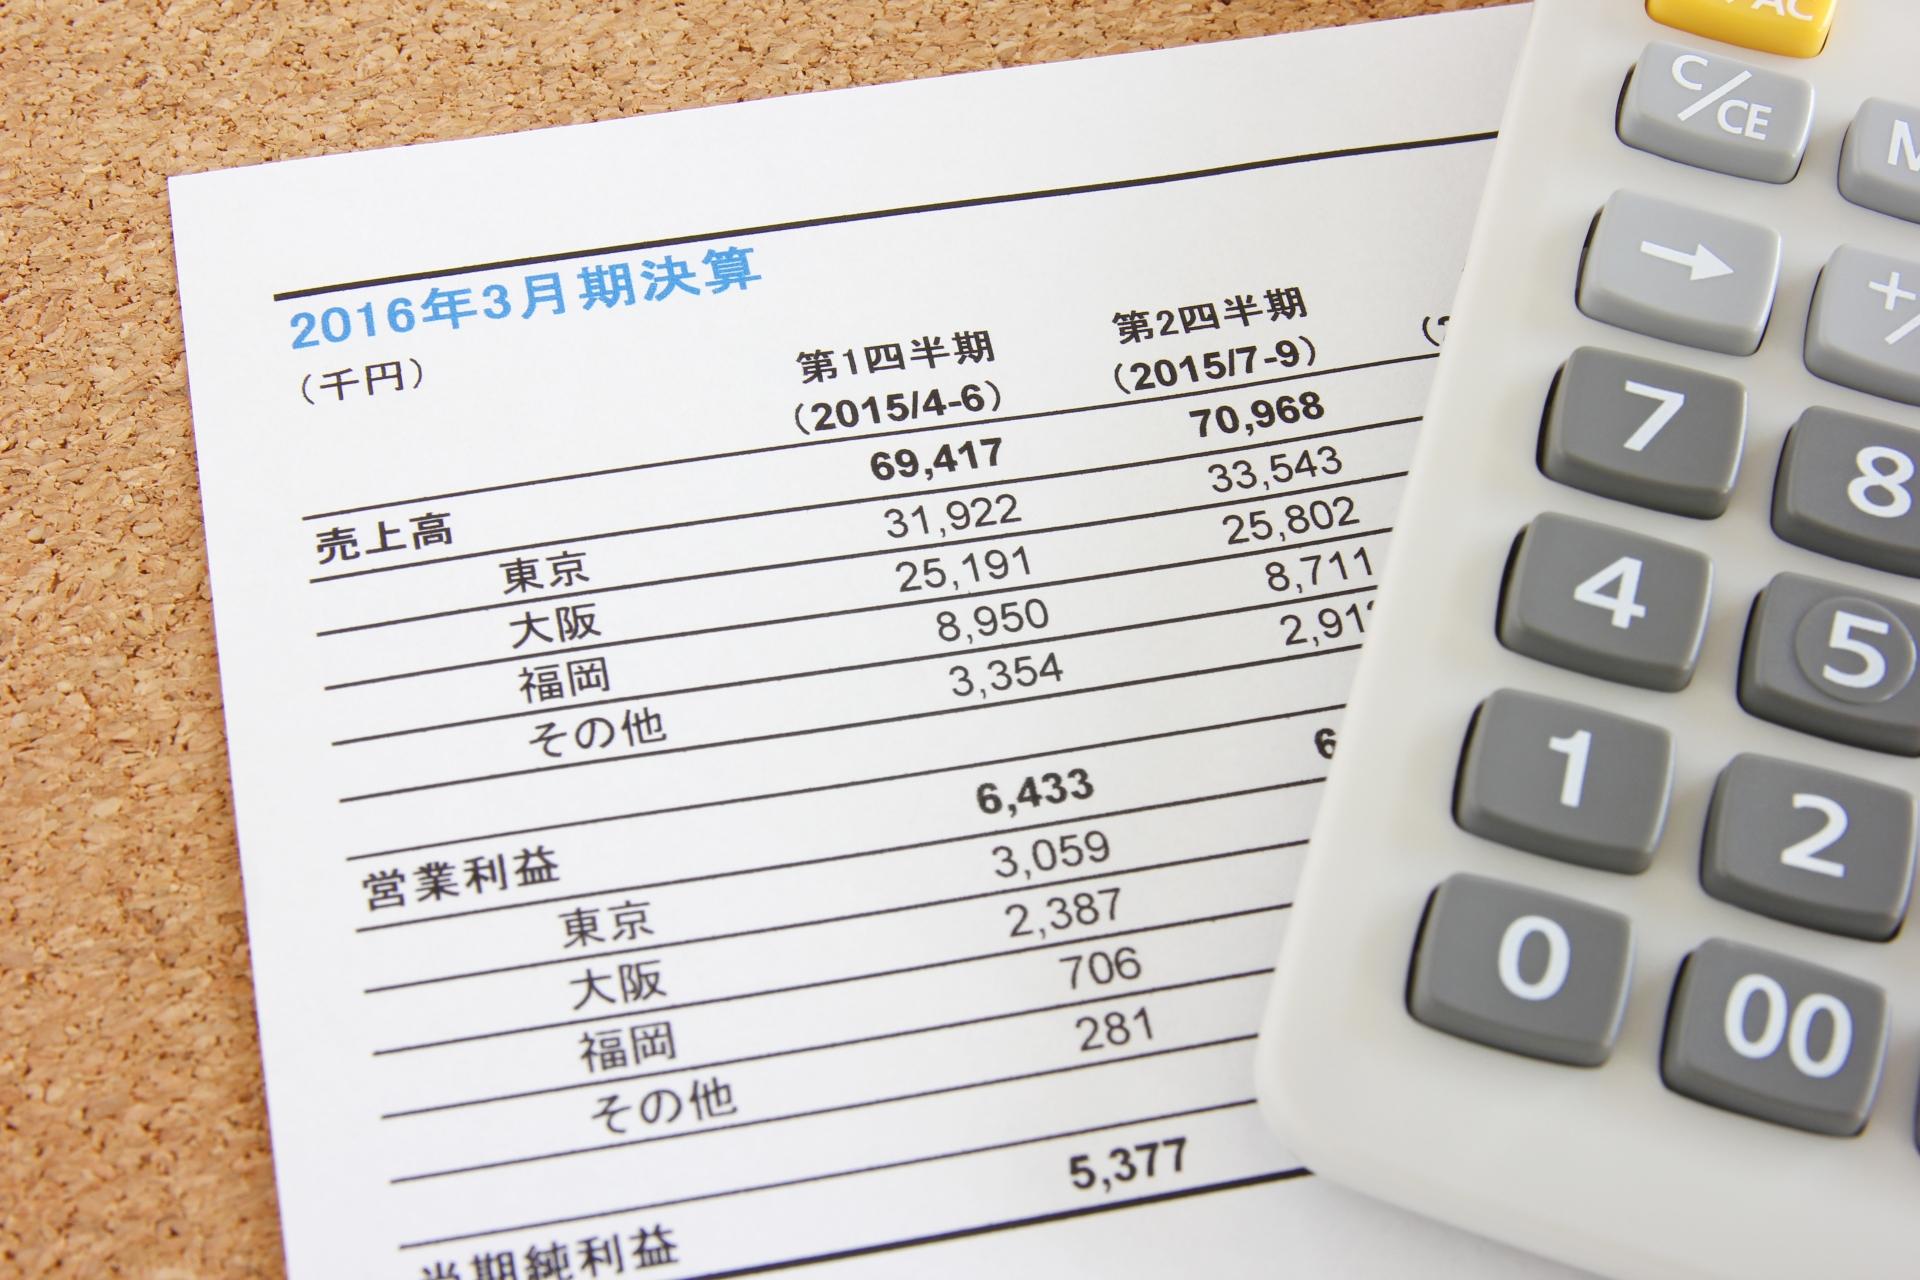 ユニクロの2014年8月期EC売上高は5.4%増、ここ数年右肩上がりを続ける